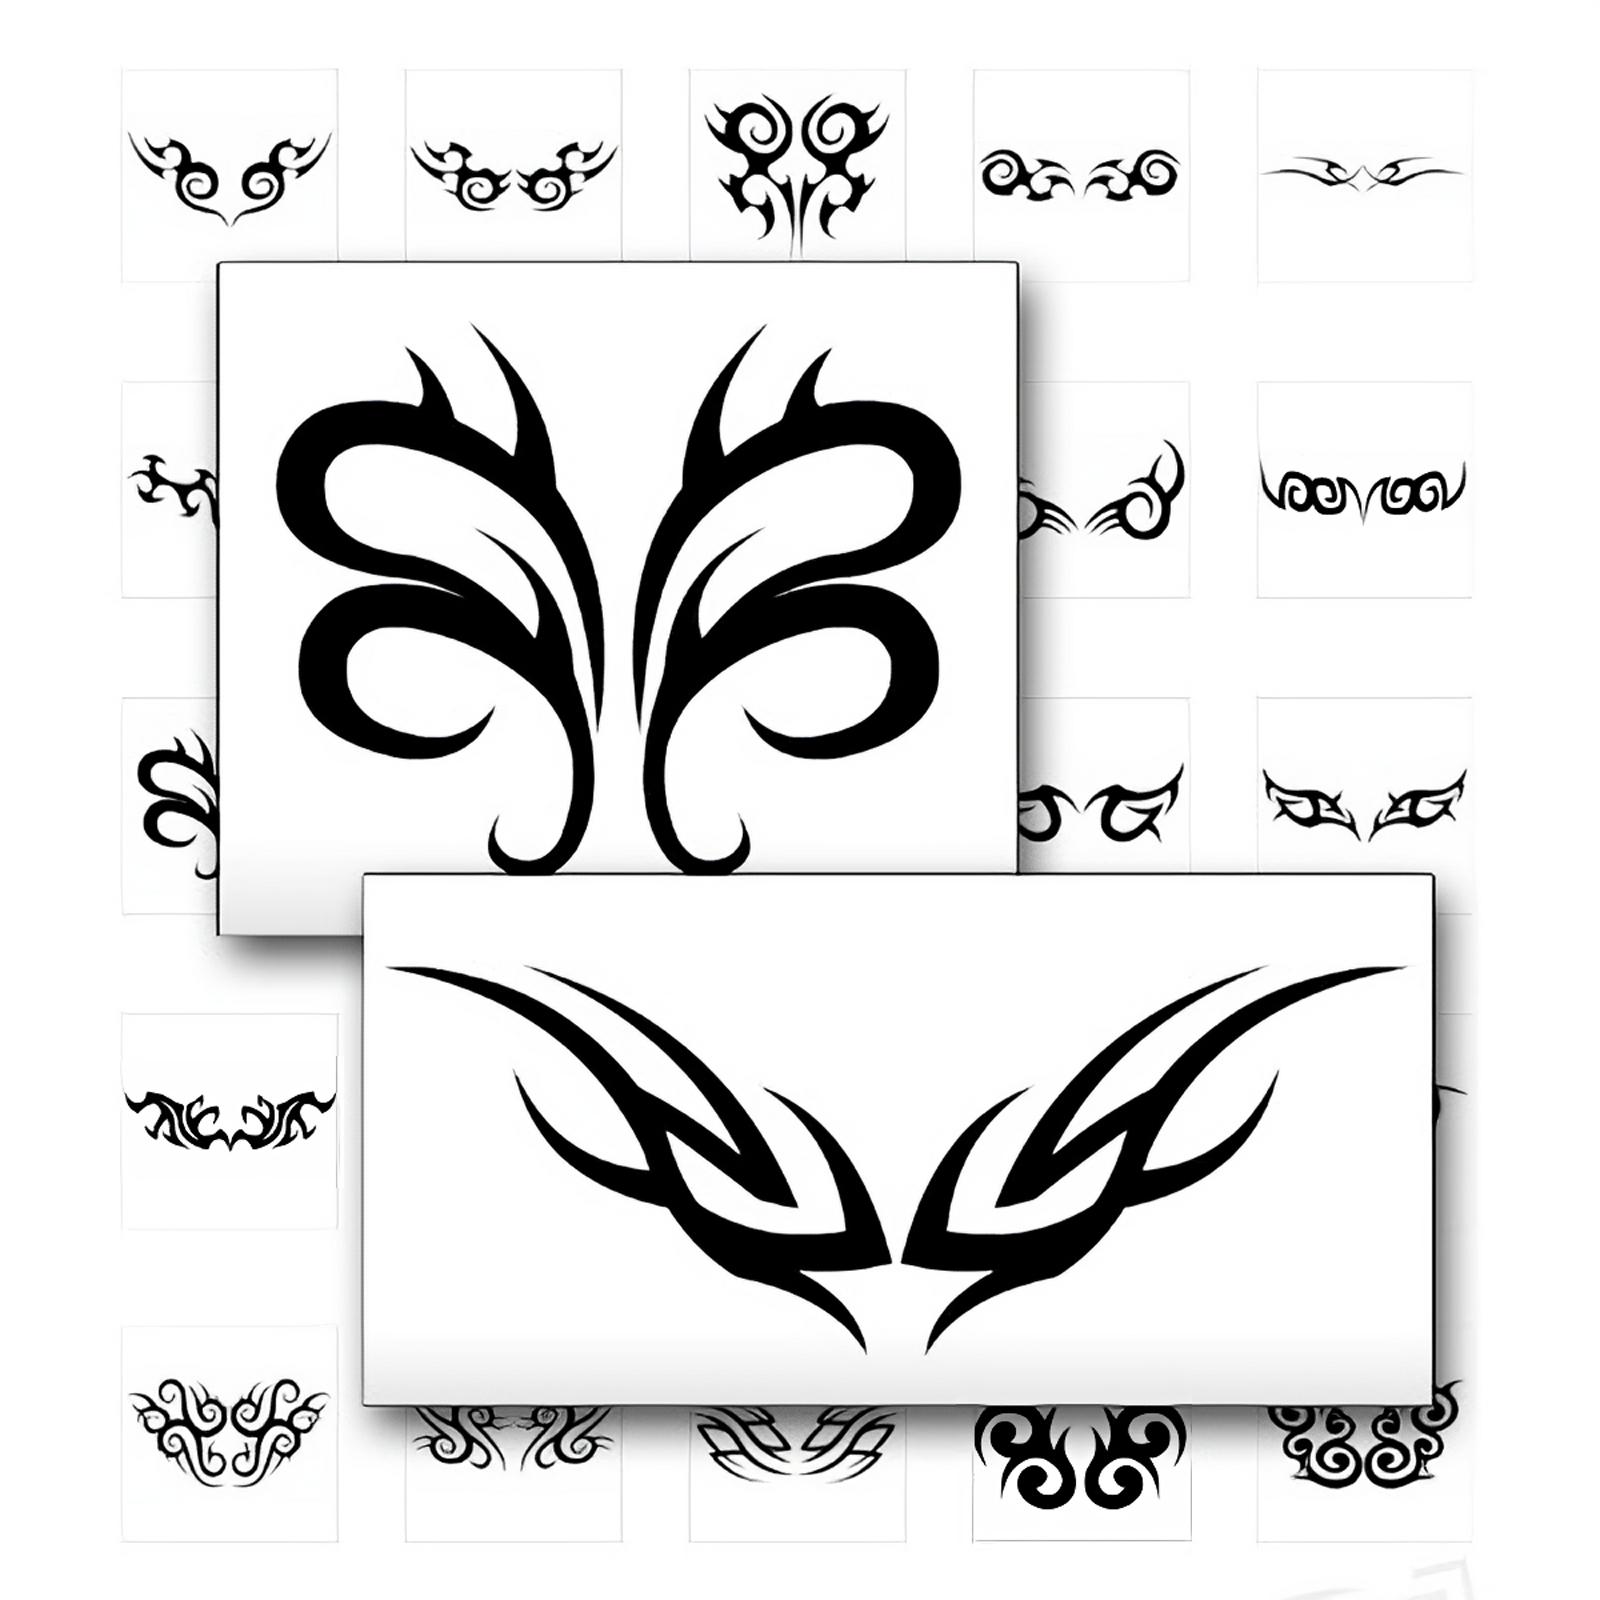 Schwarze Tribal Tattoo Vorlagen Auch Für Das Steißbein